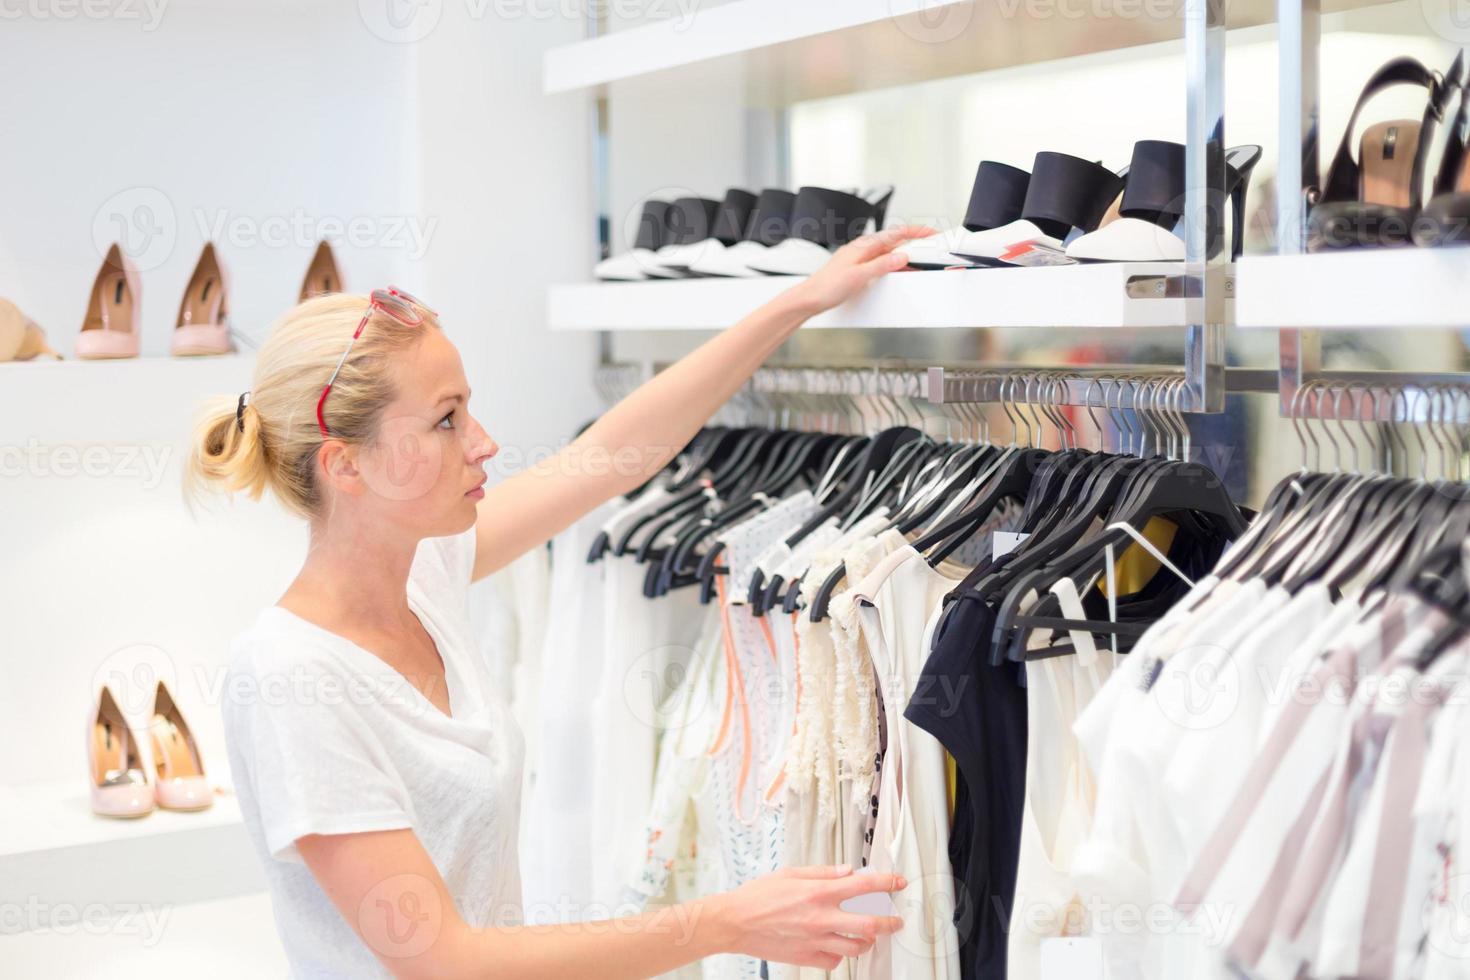 vacker kvinna som shoppar i klädaffär. foto